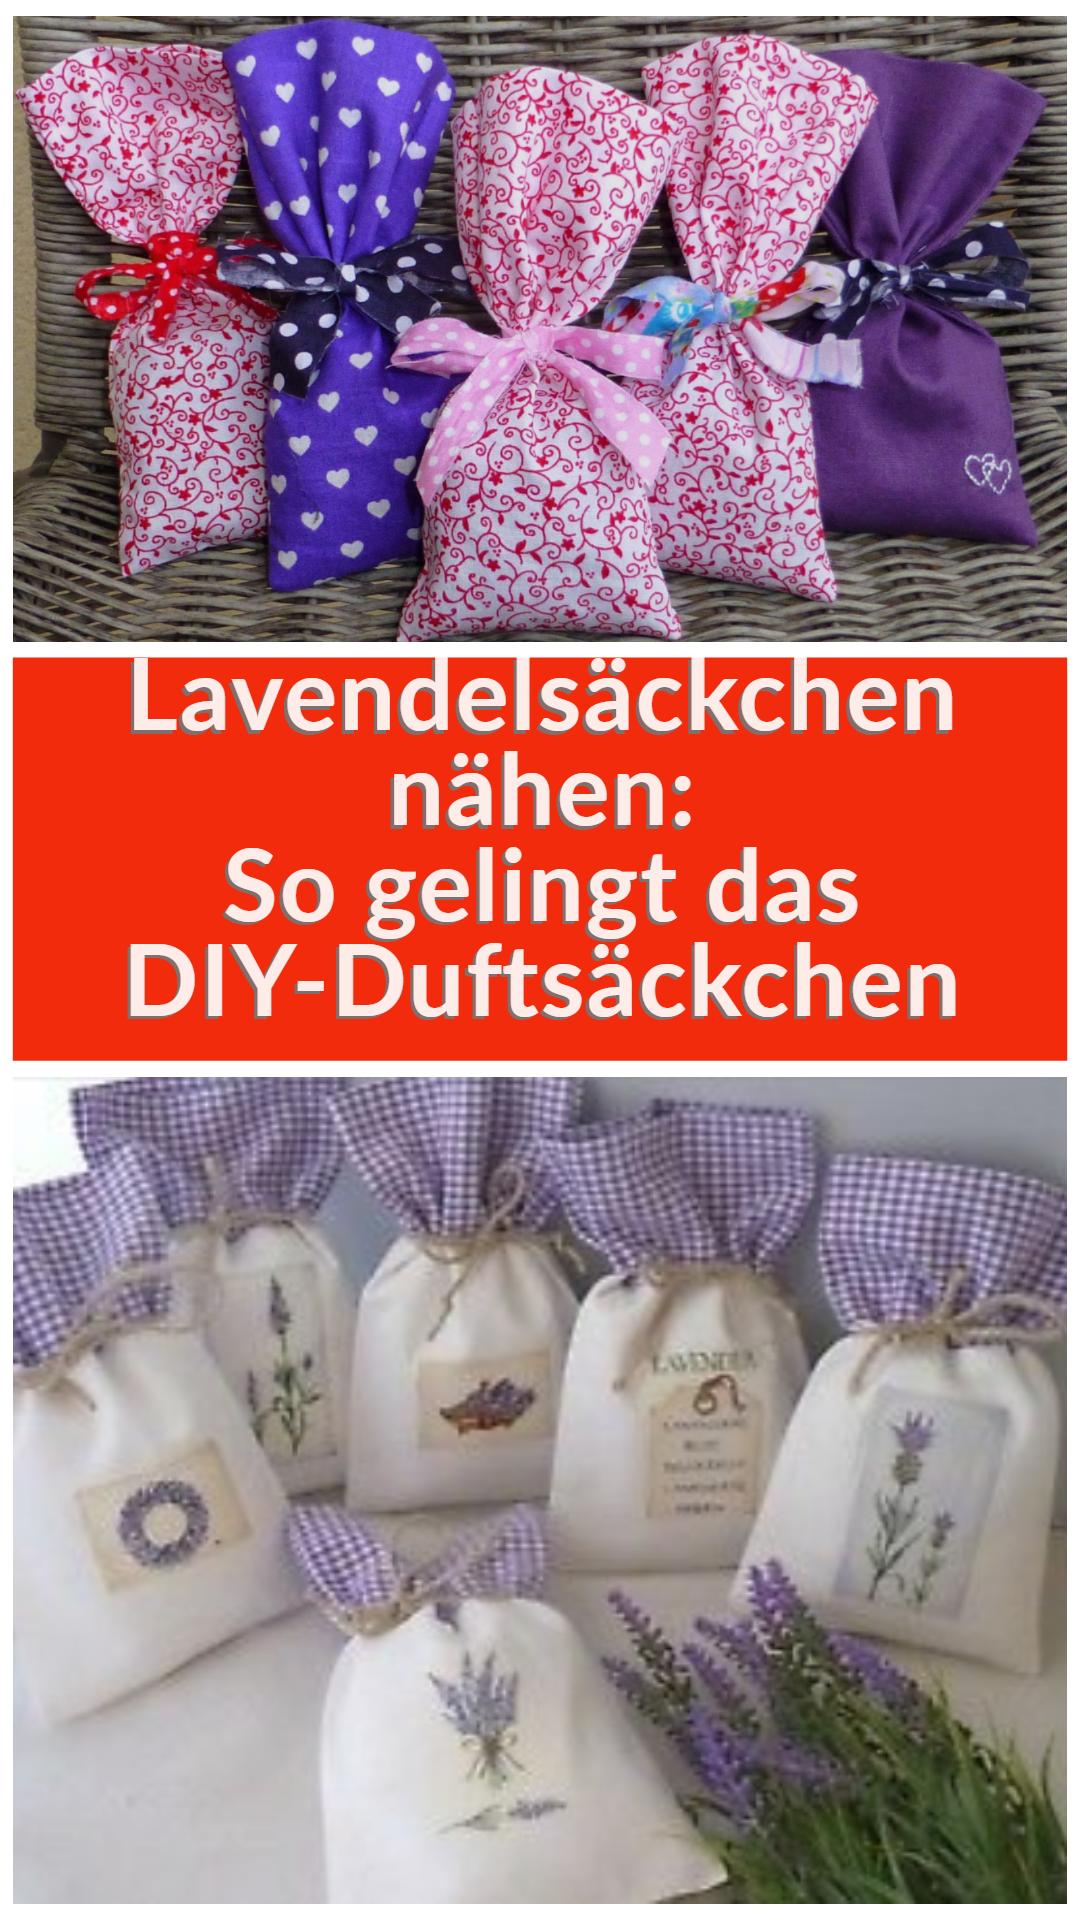 Lavendelsackchen Nahen So Gelingt Das Diy Duftsackchen Nahen Lavendelsackchen Duftsackchen Und Stoff Geschenke